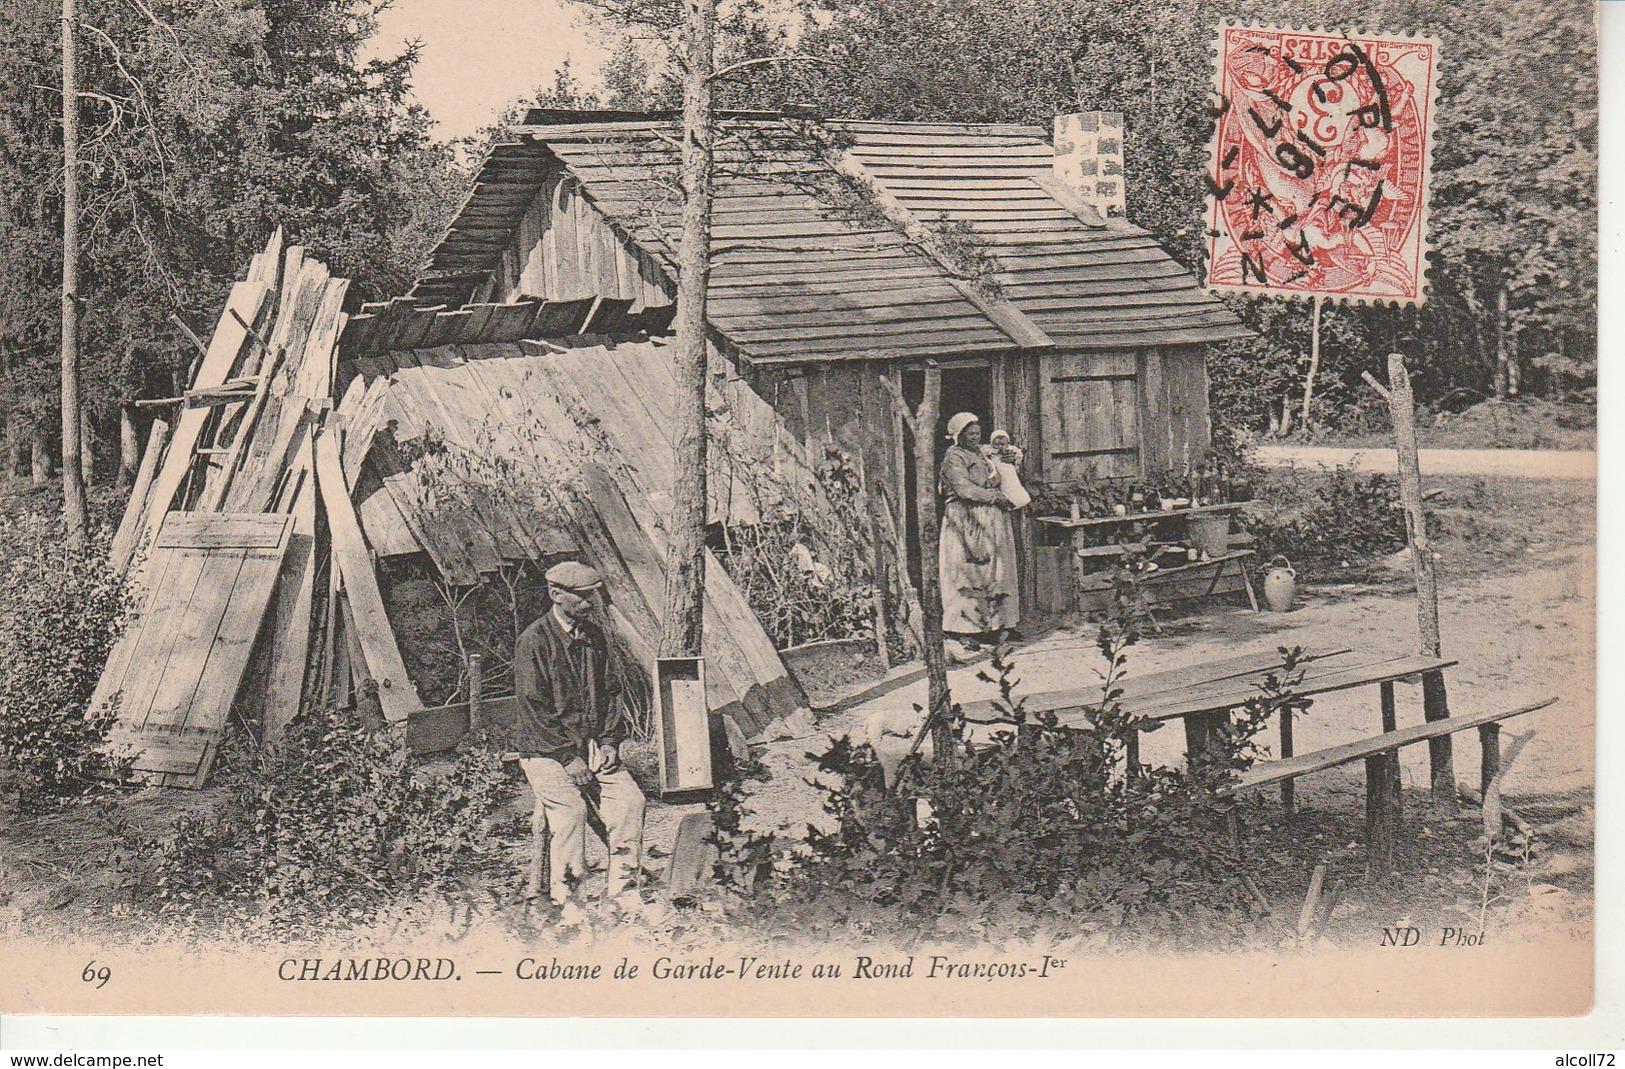 Chambord-Cabane De Garde-Vente Au Rond François1er. - Chambord